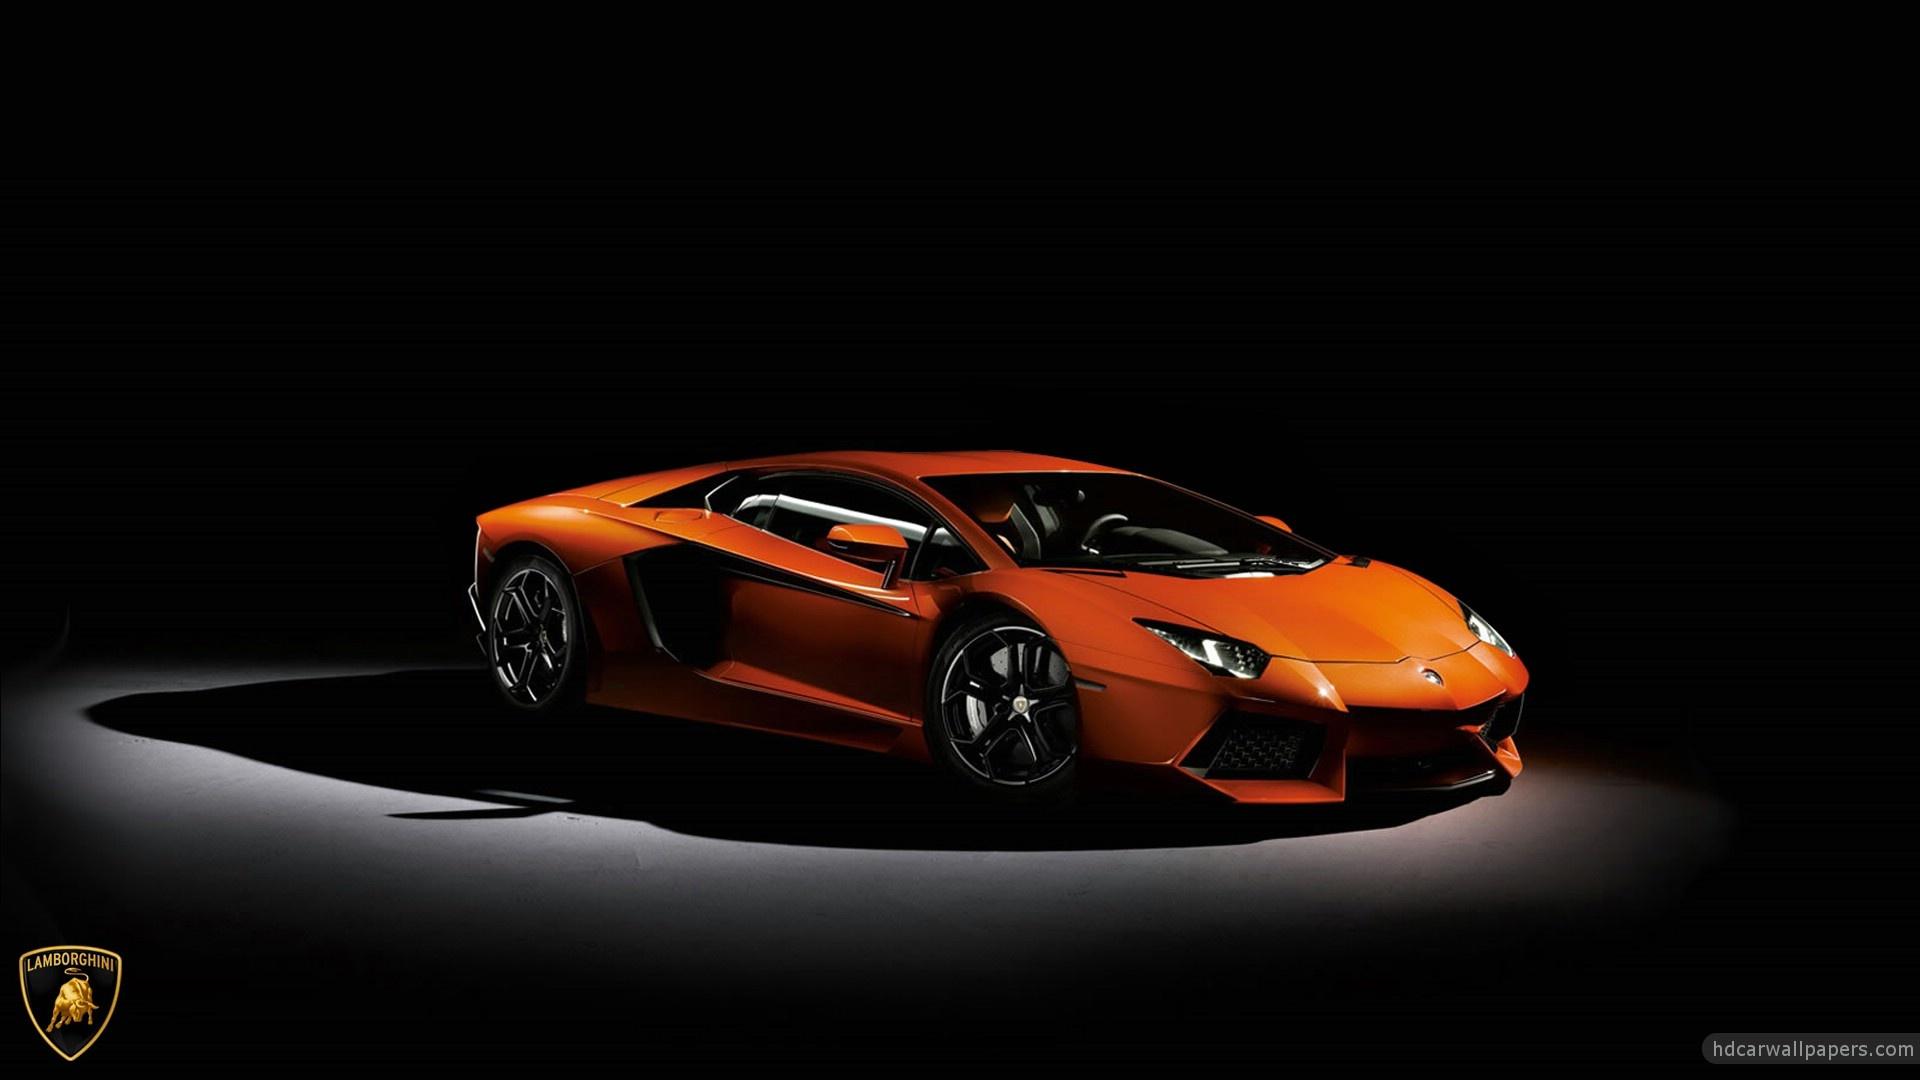 Lamborghini Aventador HD Wallpaper in 1920x1080 Resolution 1920x1080